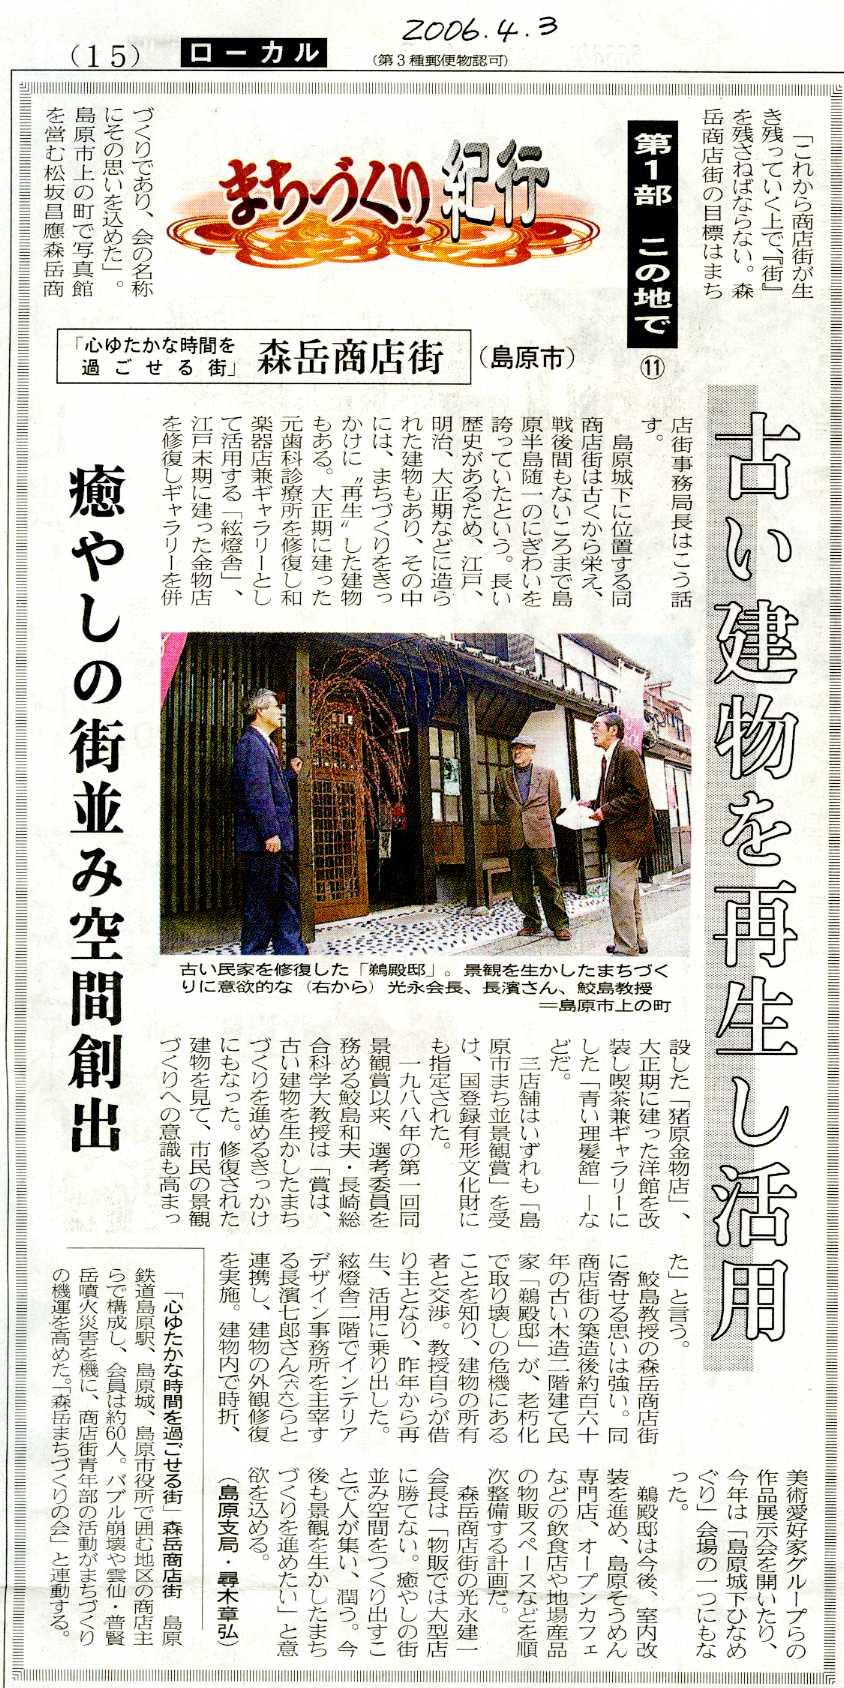 心ゆたかな時間を過ごせる街『森岳商店街』 2006/4/3_c0052876_16291594.jpg